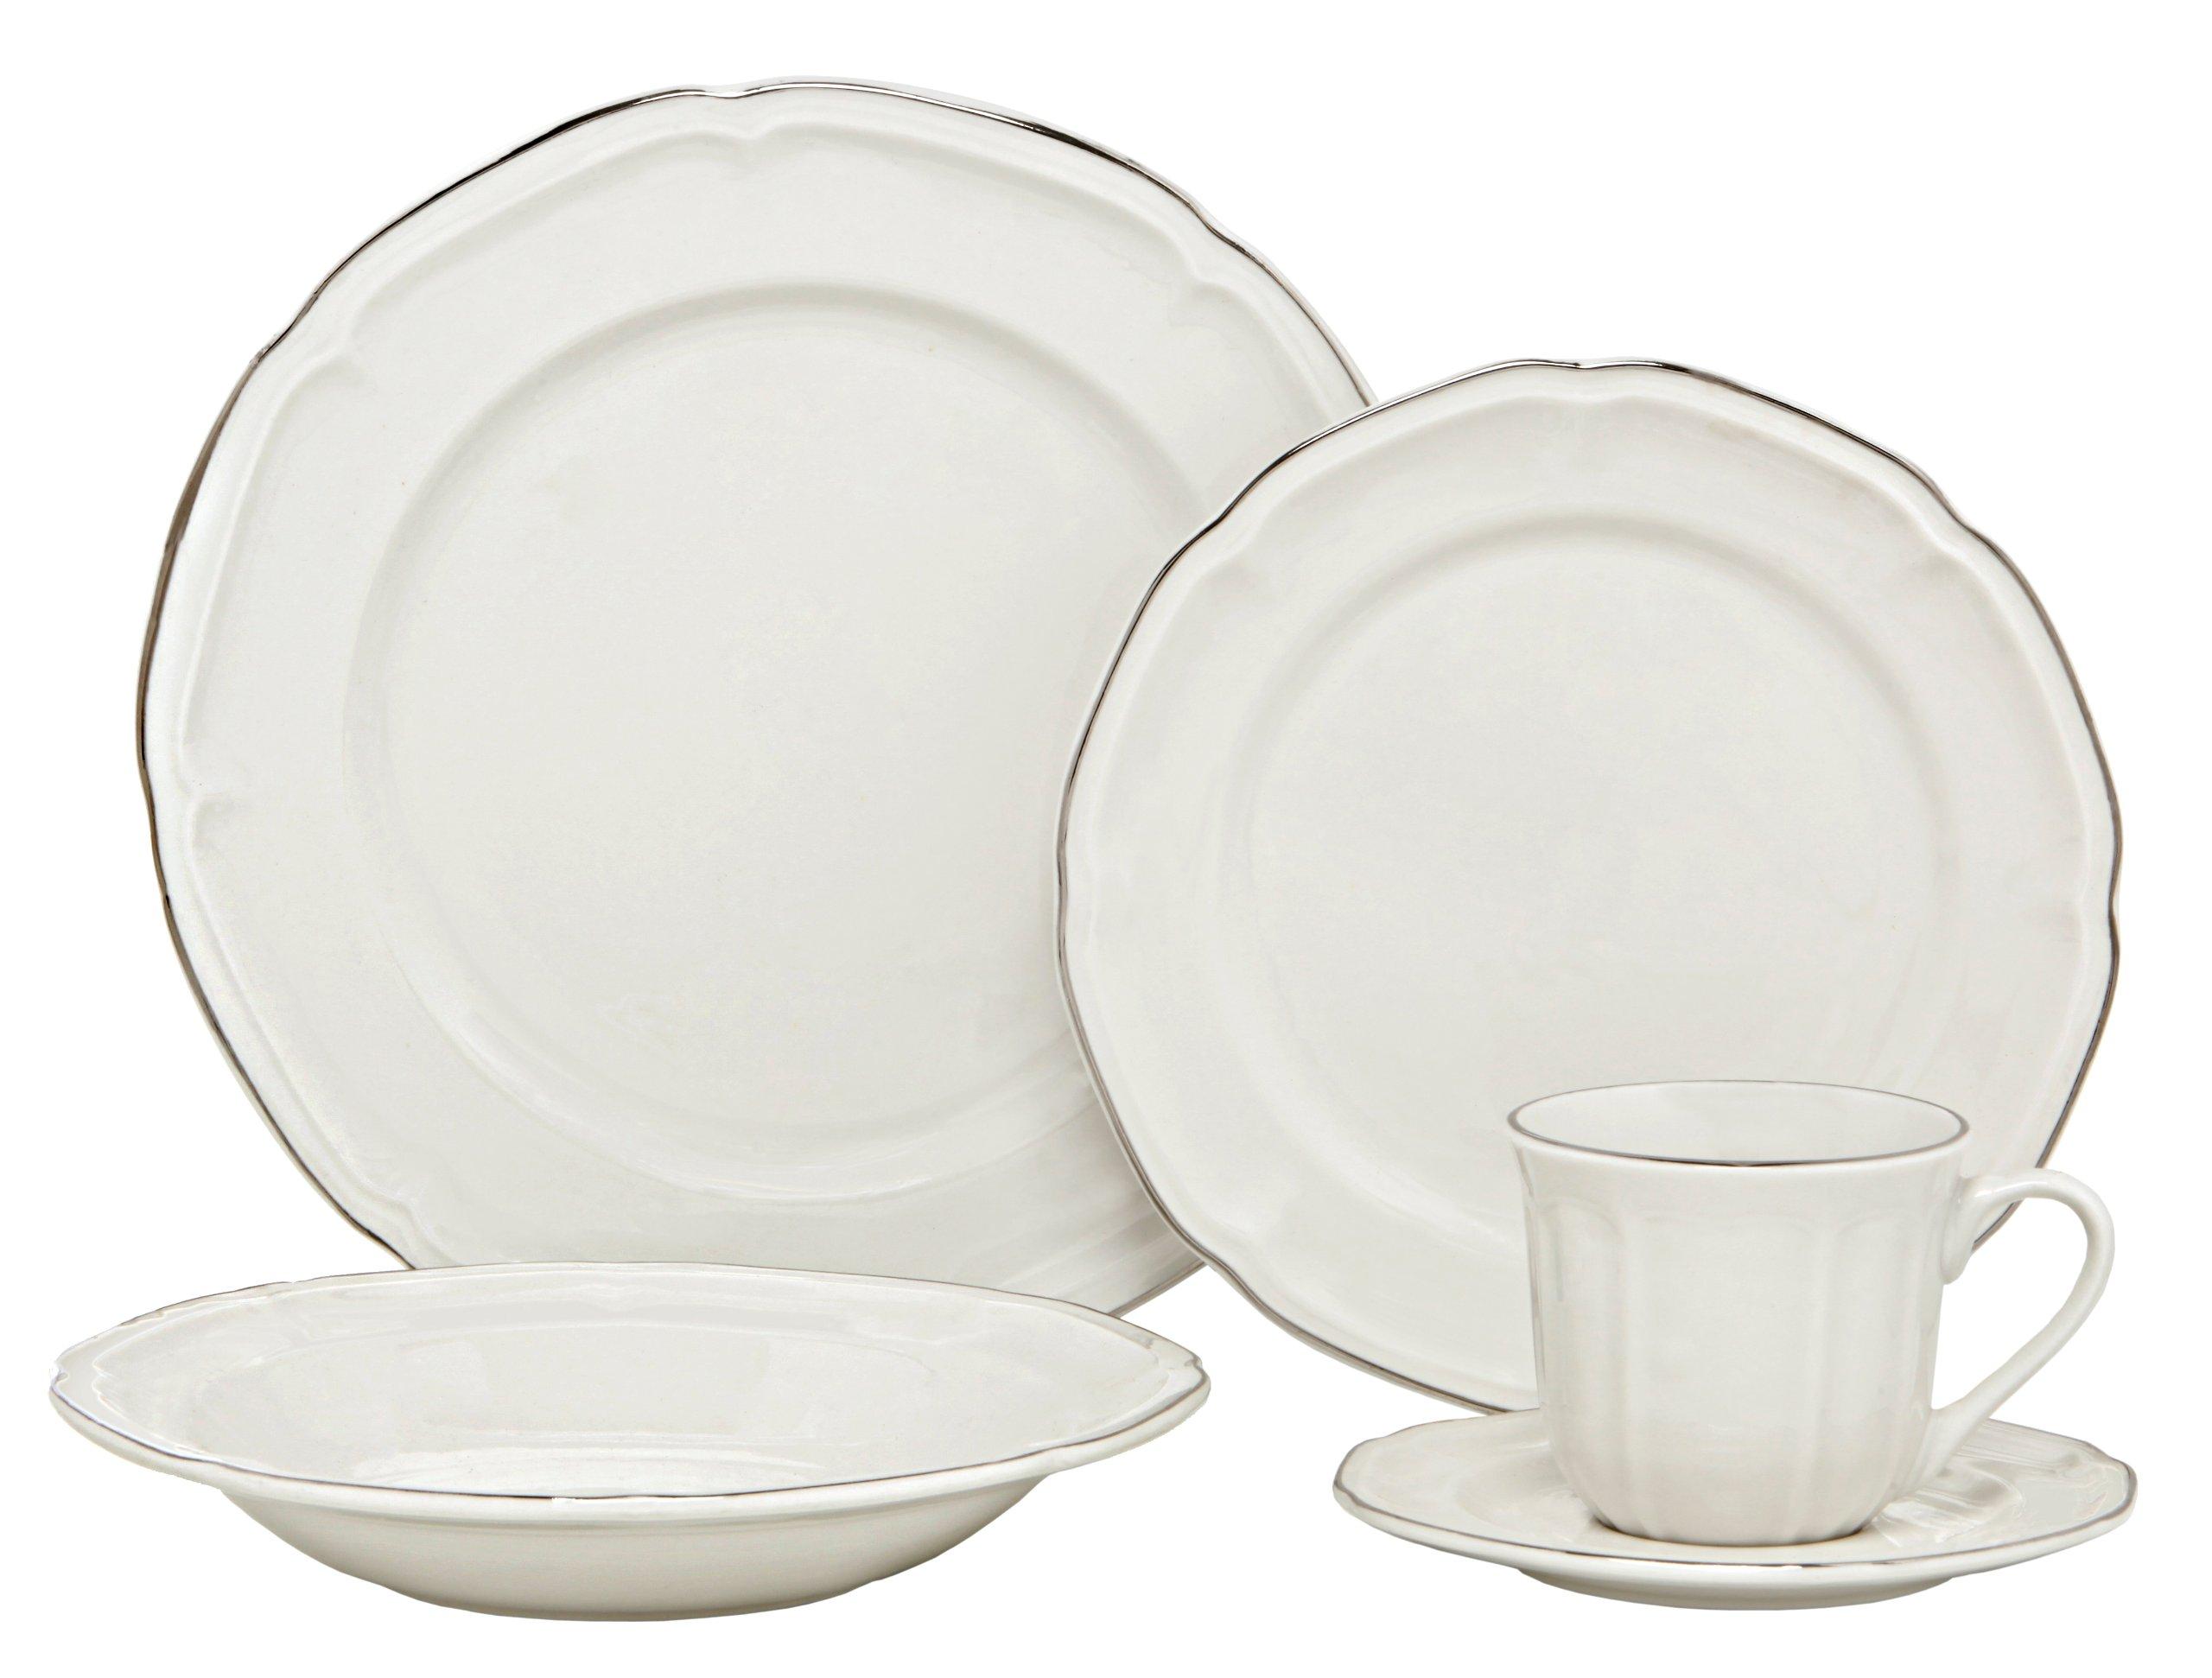 Melange Nouveau Classic Porcelain 40-Piece Place Setting, Platinum, Serving for 8